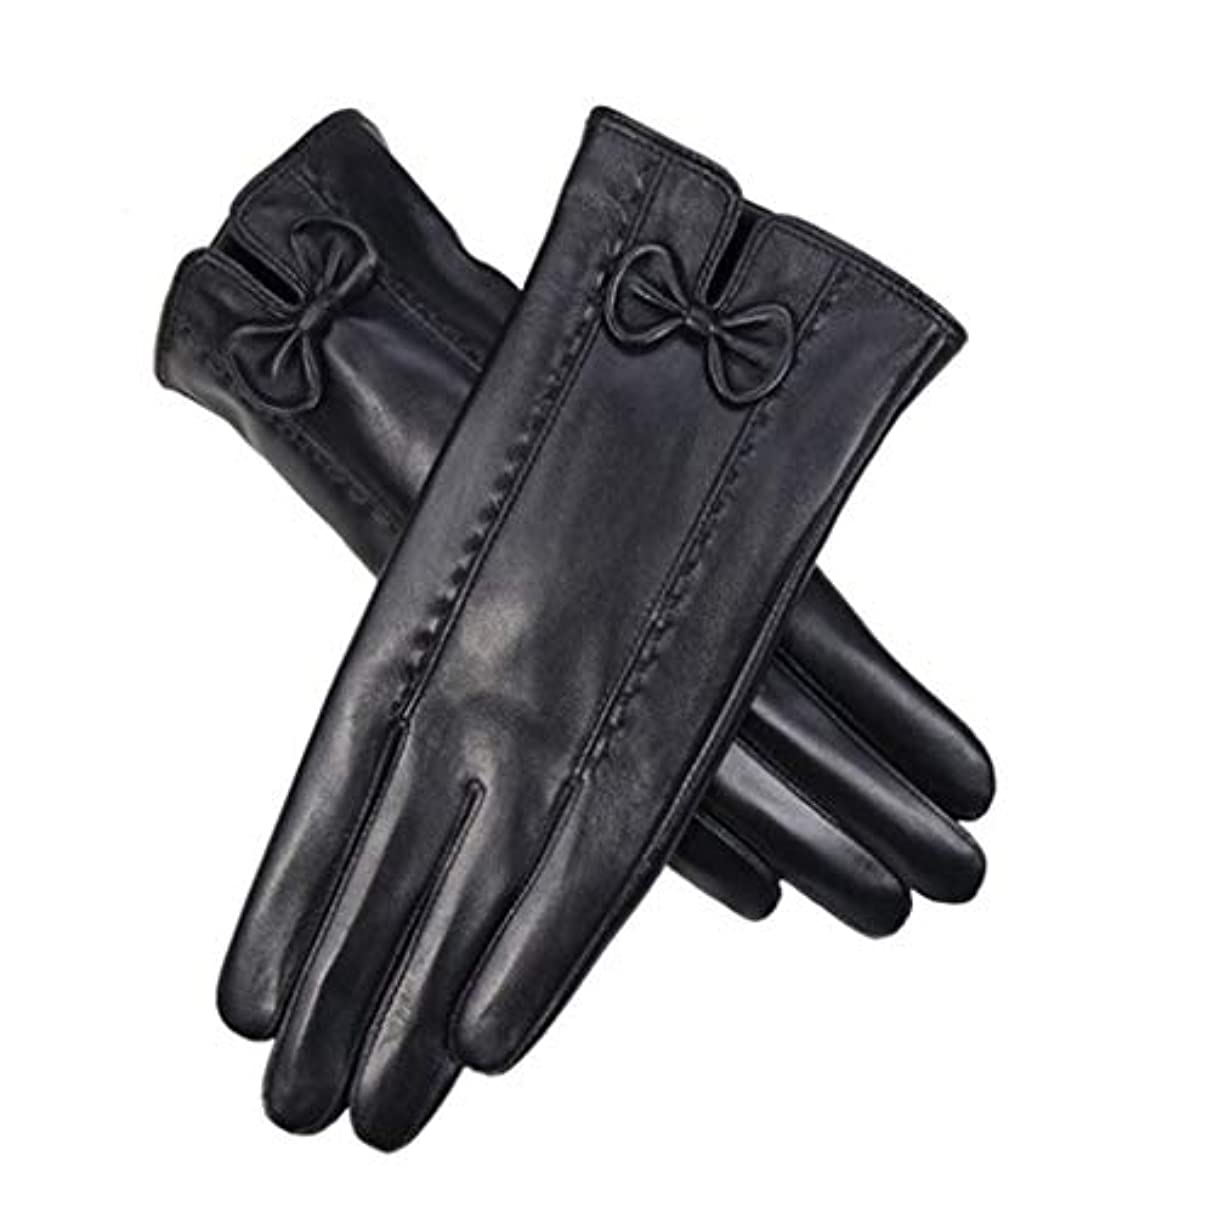 肥沃な忍耐床女性の綿手袋冬プラス車の屋外サイクリング冷たい女性のタッチスクリーン手袋の厚い暖かい韓国語バージョン